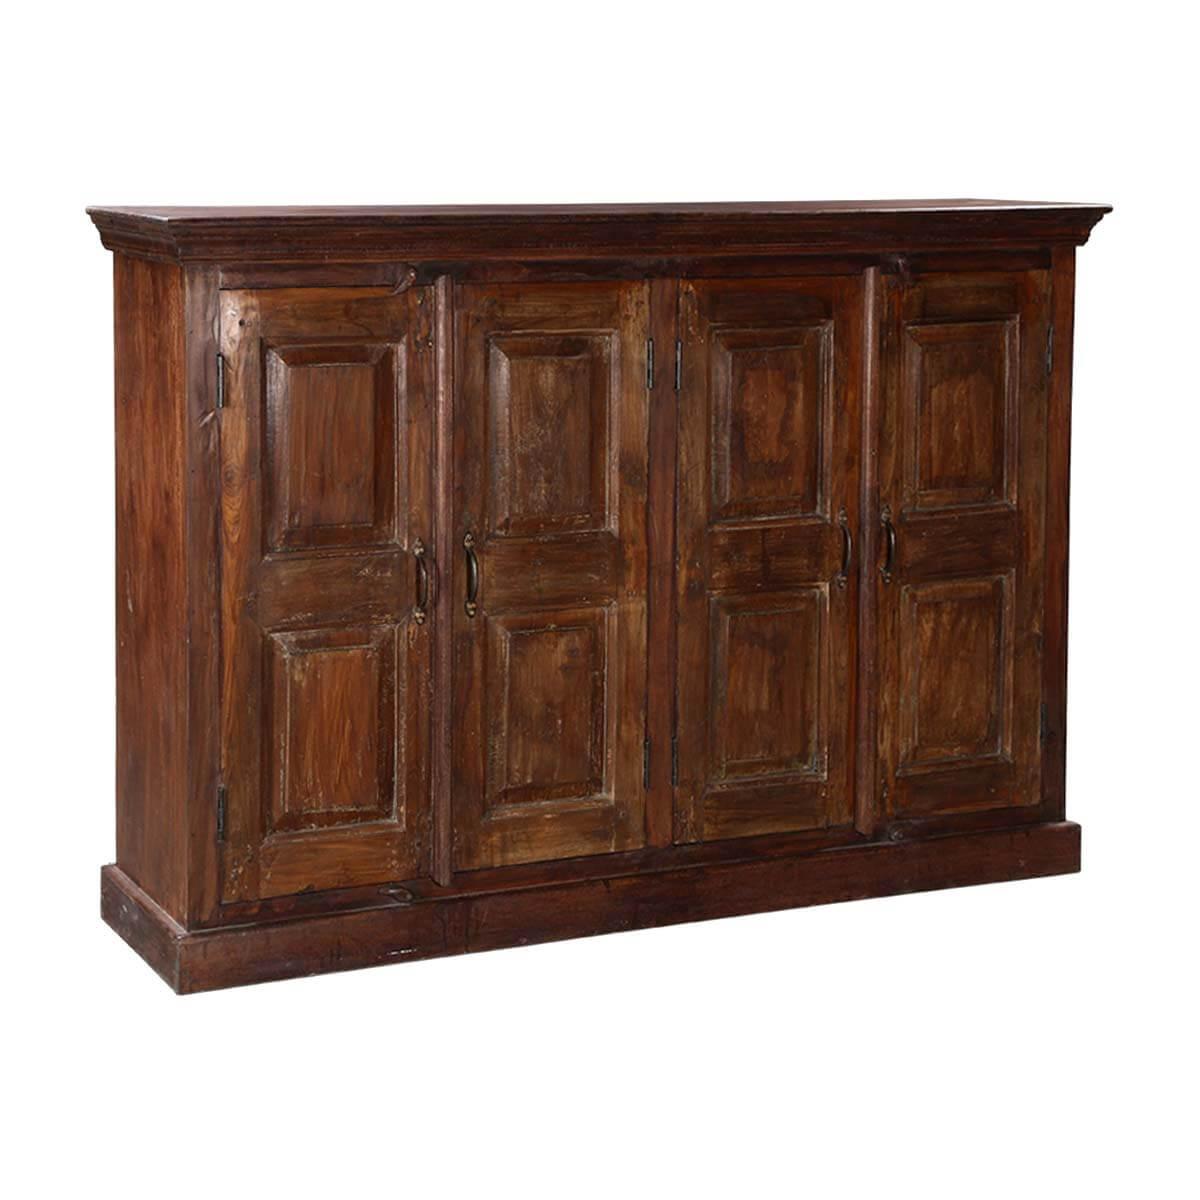 Willamette Traditional Rustic Solid Wood 4 Door Long Buffet Cabinet